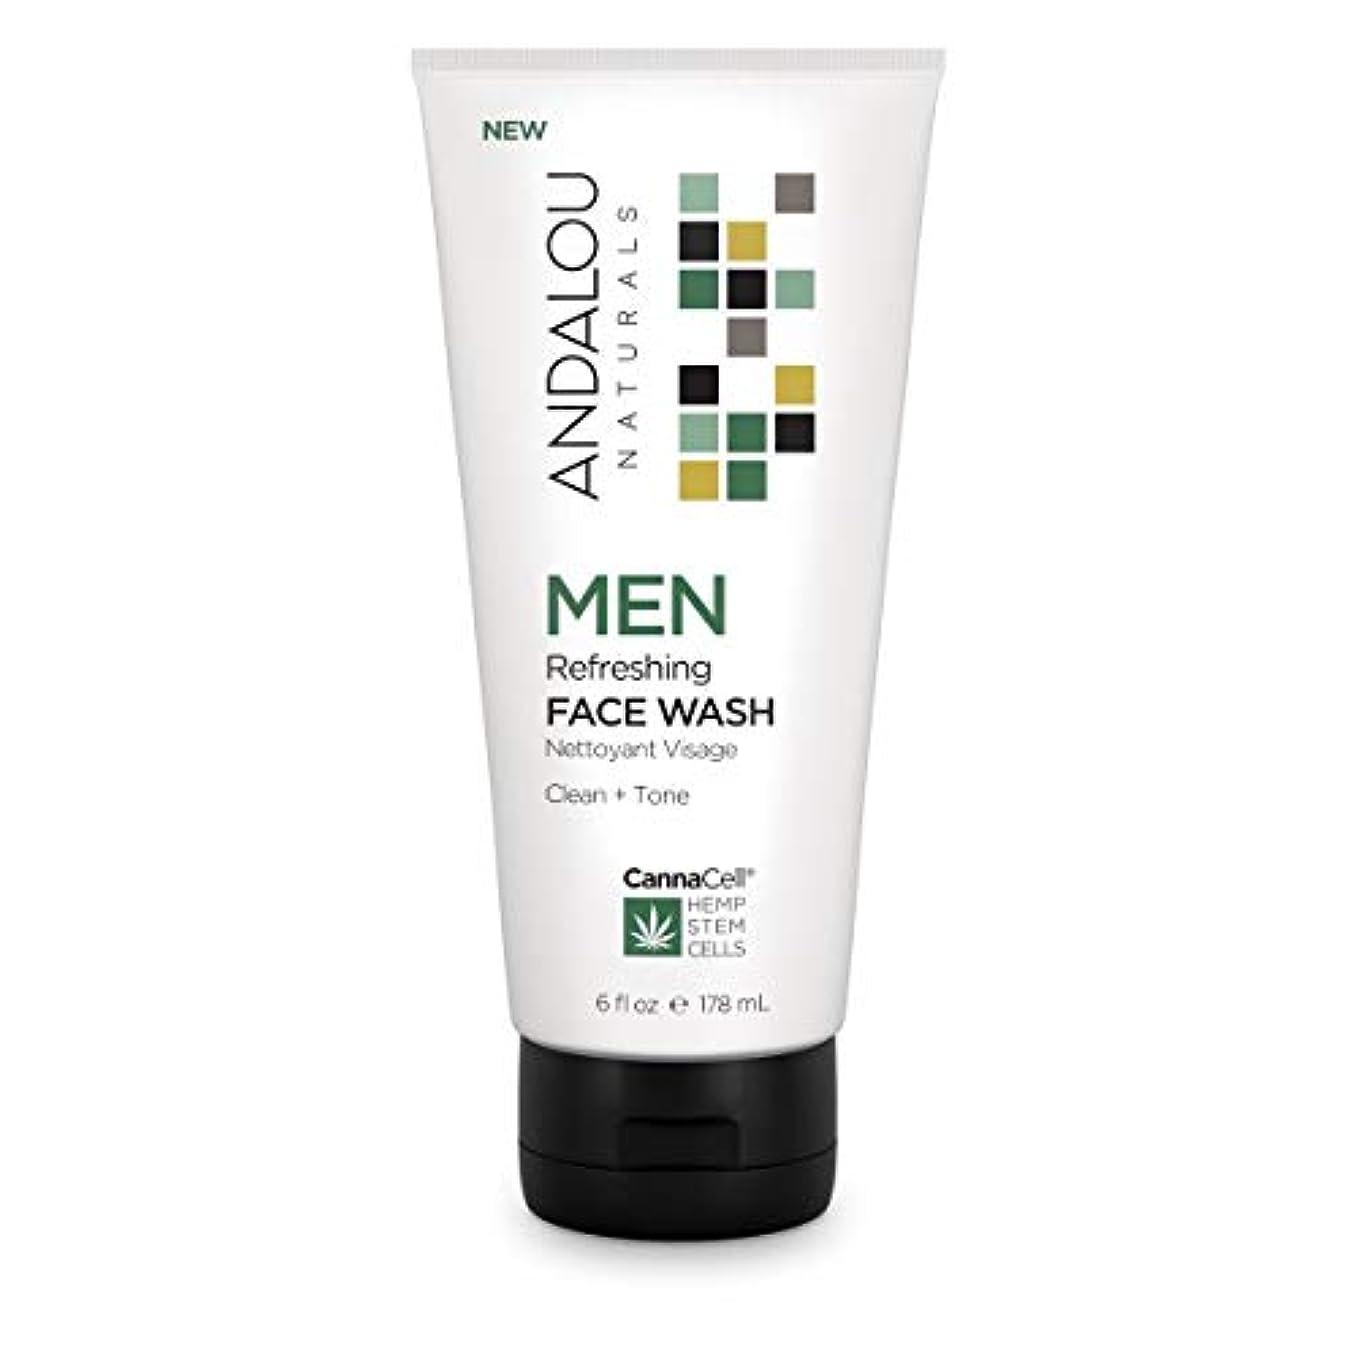 静的オートマトントランジスタオーガニック ボタニカル 洗顔料 洗顔フォーム ナチュラル フルーツ幹細胞 ヘンプ幹細胞 「 MEN リフレッシングフェイスウォッシュ 」 ANDALOU naturals アンダルー ナチュラルズ